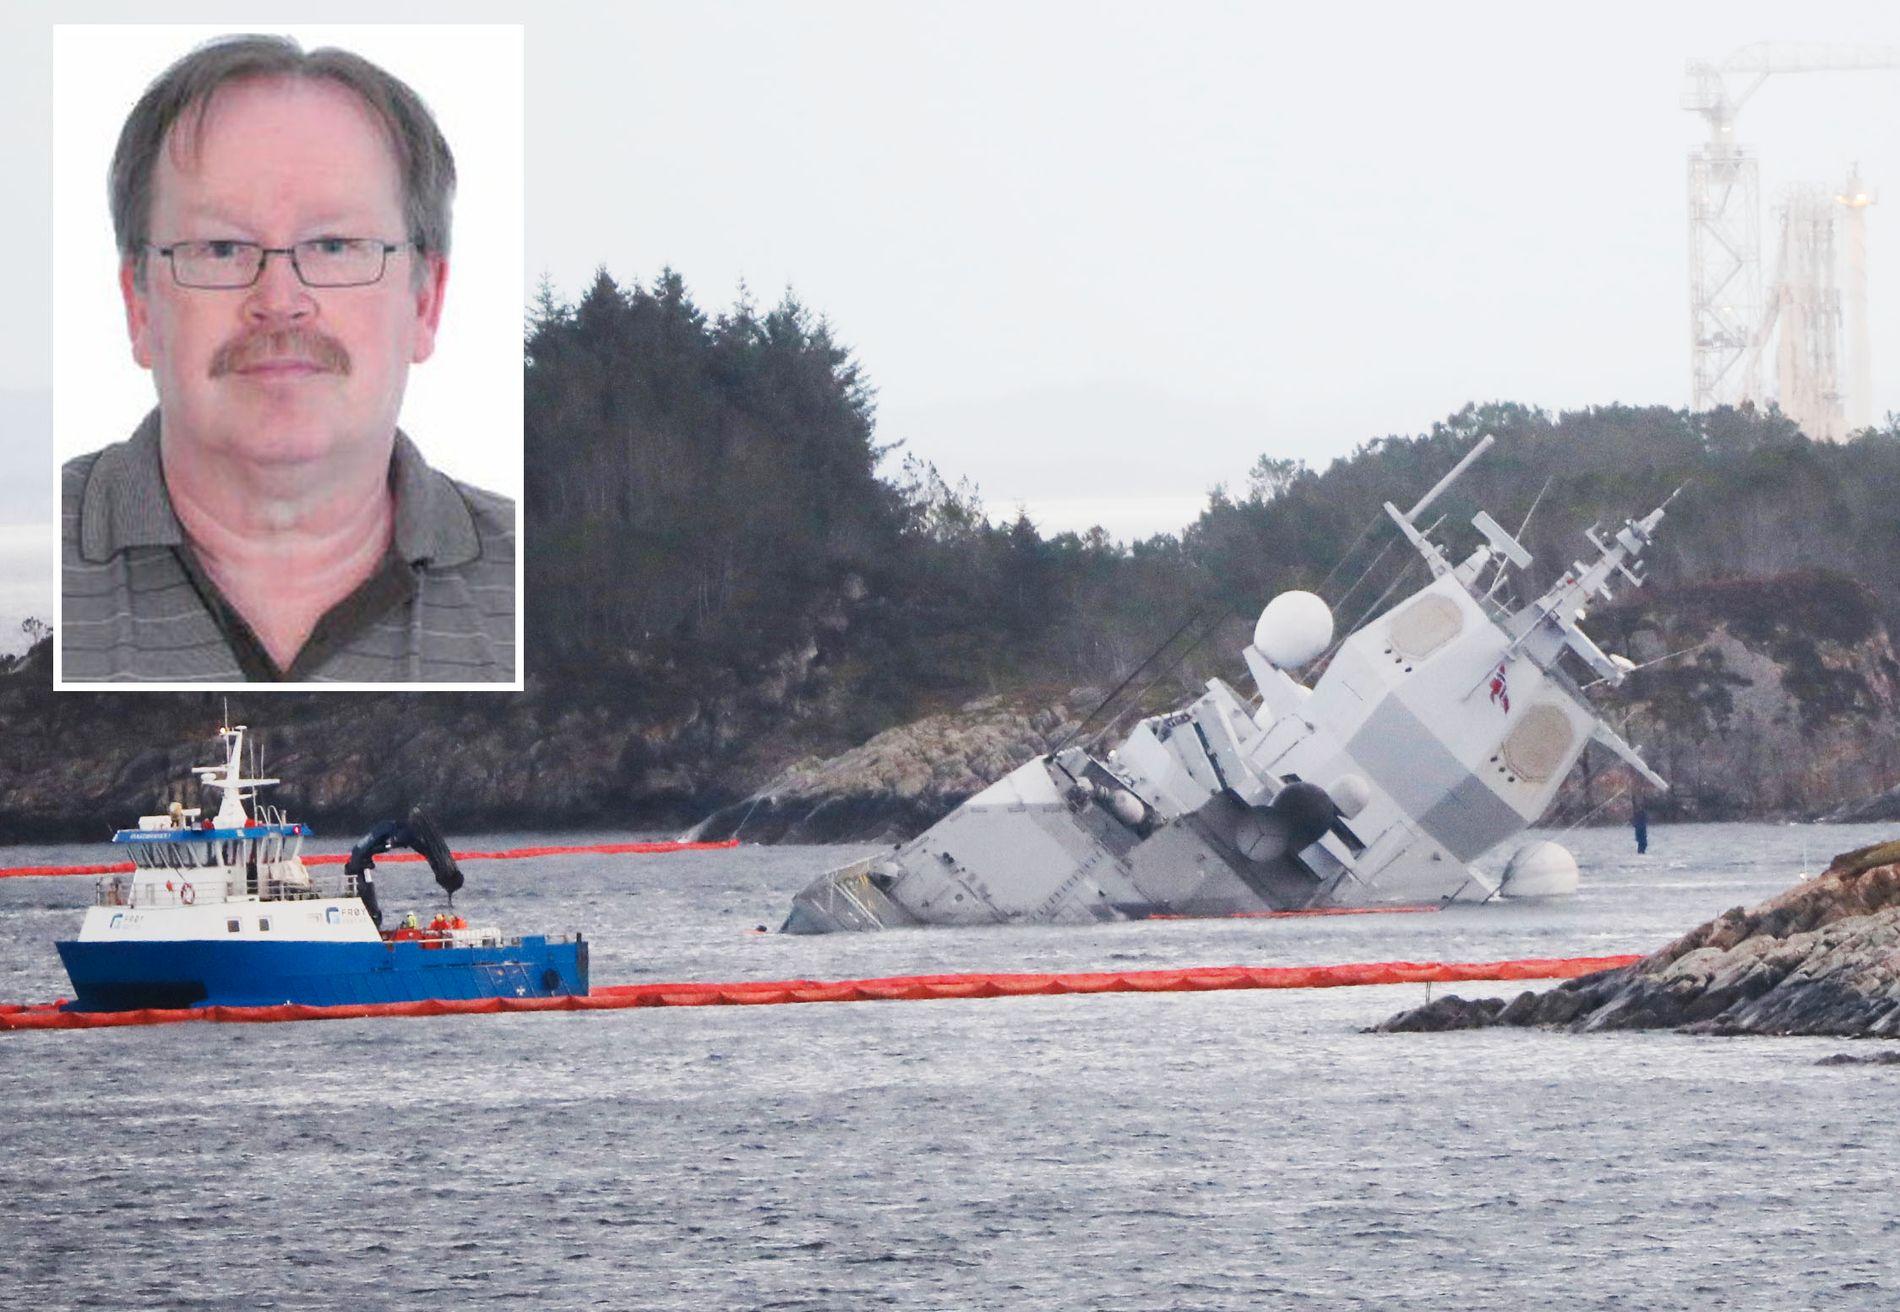 ERFAREN: Kaptein og navigatør  Geir S. Eilertsen, som også har mer enn 40 års erfaring på sjøen. Han reagerer kraftig på det som kommer frem i lydloggen og på radarbildene fra ulykken som fant sted torsdag natt.